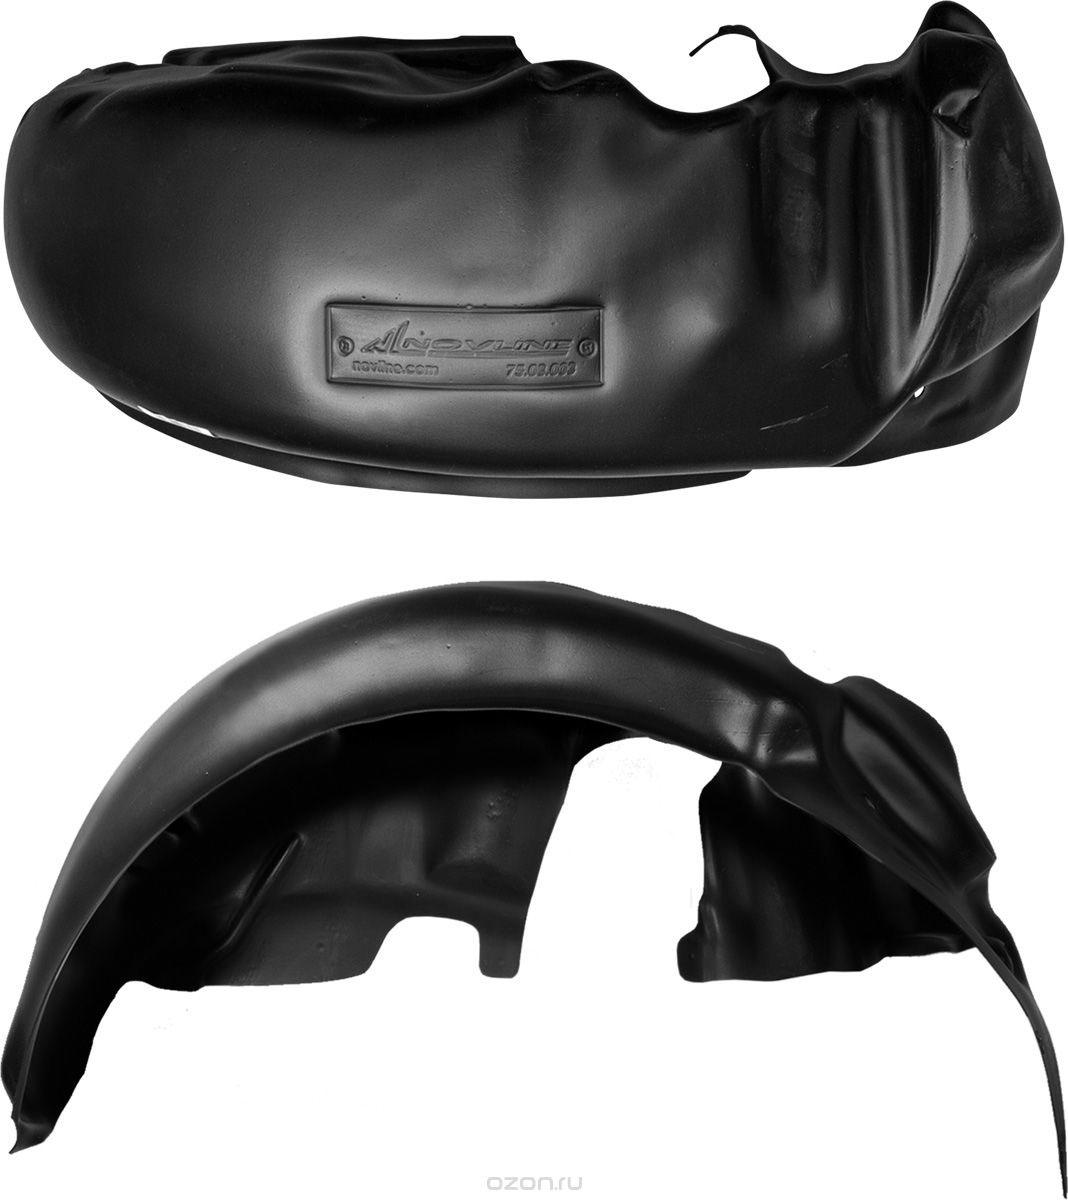 Подкрылок Novline-Autofamily, для RENAULT Kaptur, 04/2016->, передний левыйMW-3101Идеальная защита колесной ниши. Локеры разработаны с применением цифровых технологий, гарантируют максимальную повторяемость поверхности арки. Изделия устанавливаются без нарушения лакокрасочного покрытия автомобиля, каждый подкрылок комплектуется крепежом. Уважаемые клиенты, обращаем ваше внимание, что фотографии на подкрылки универсальные и не отражают реальную форму изделия. При этом само изделие идет точно под размер указанного автомобиля.